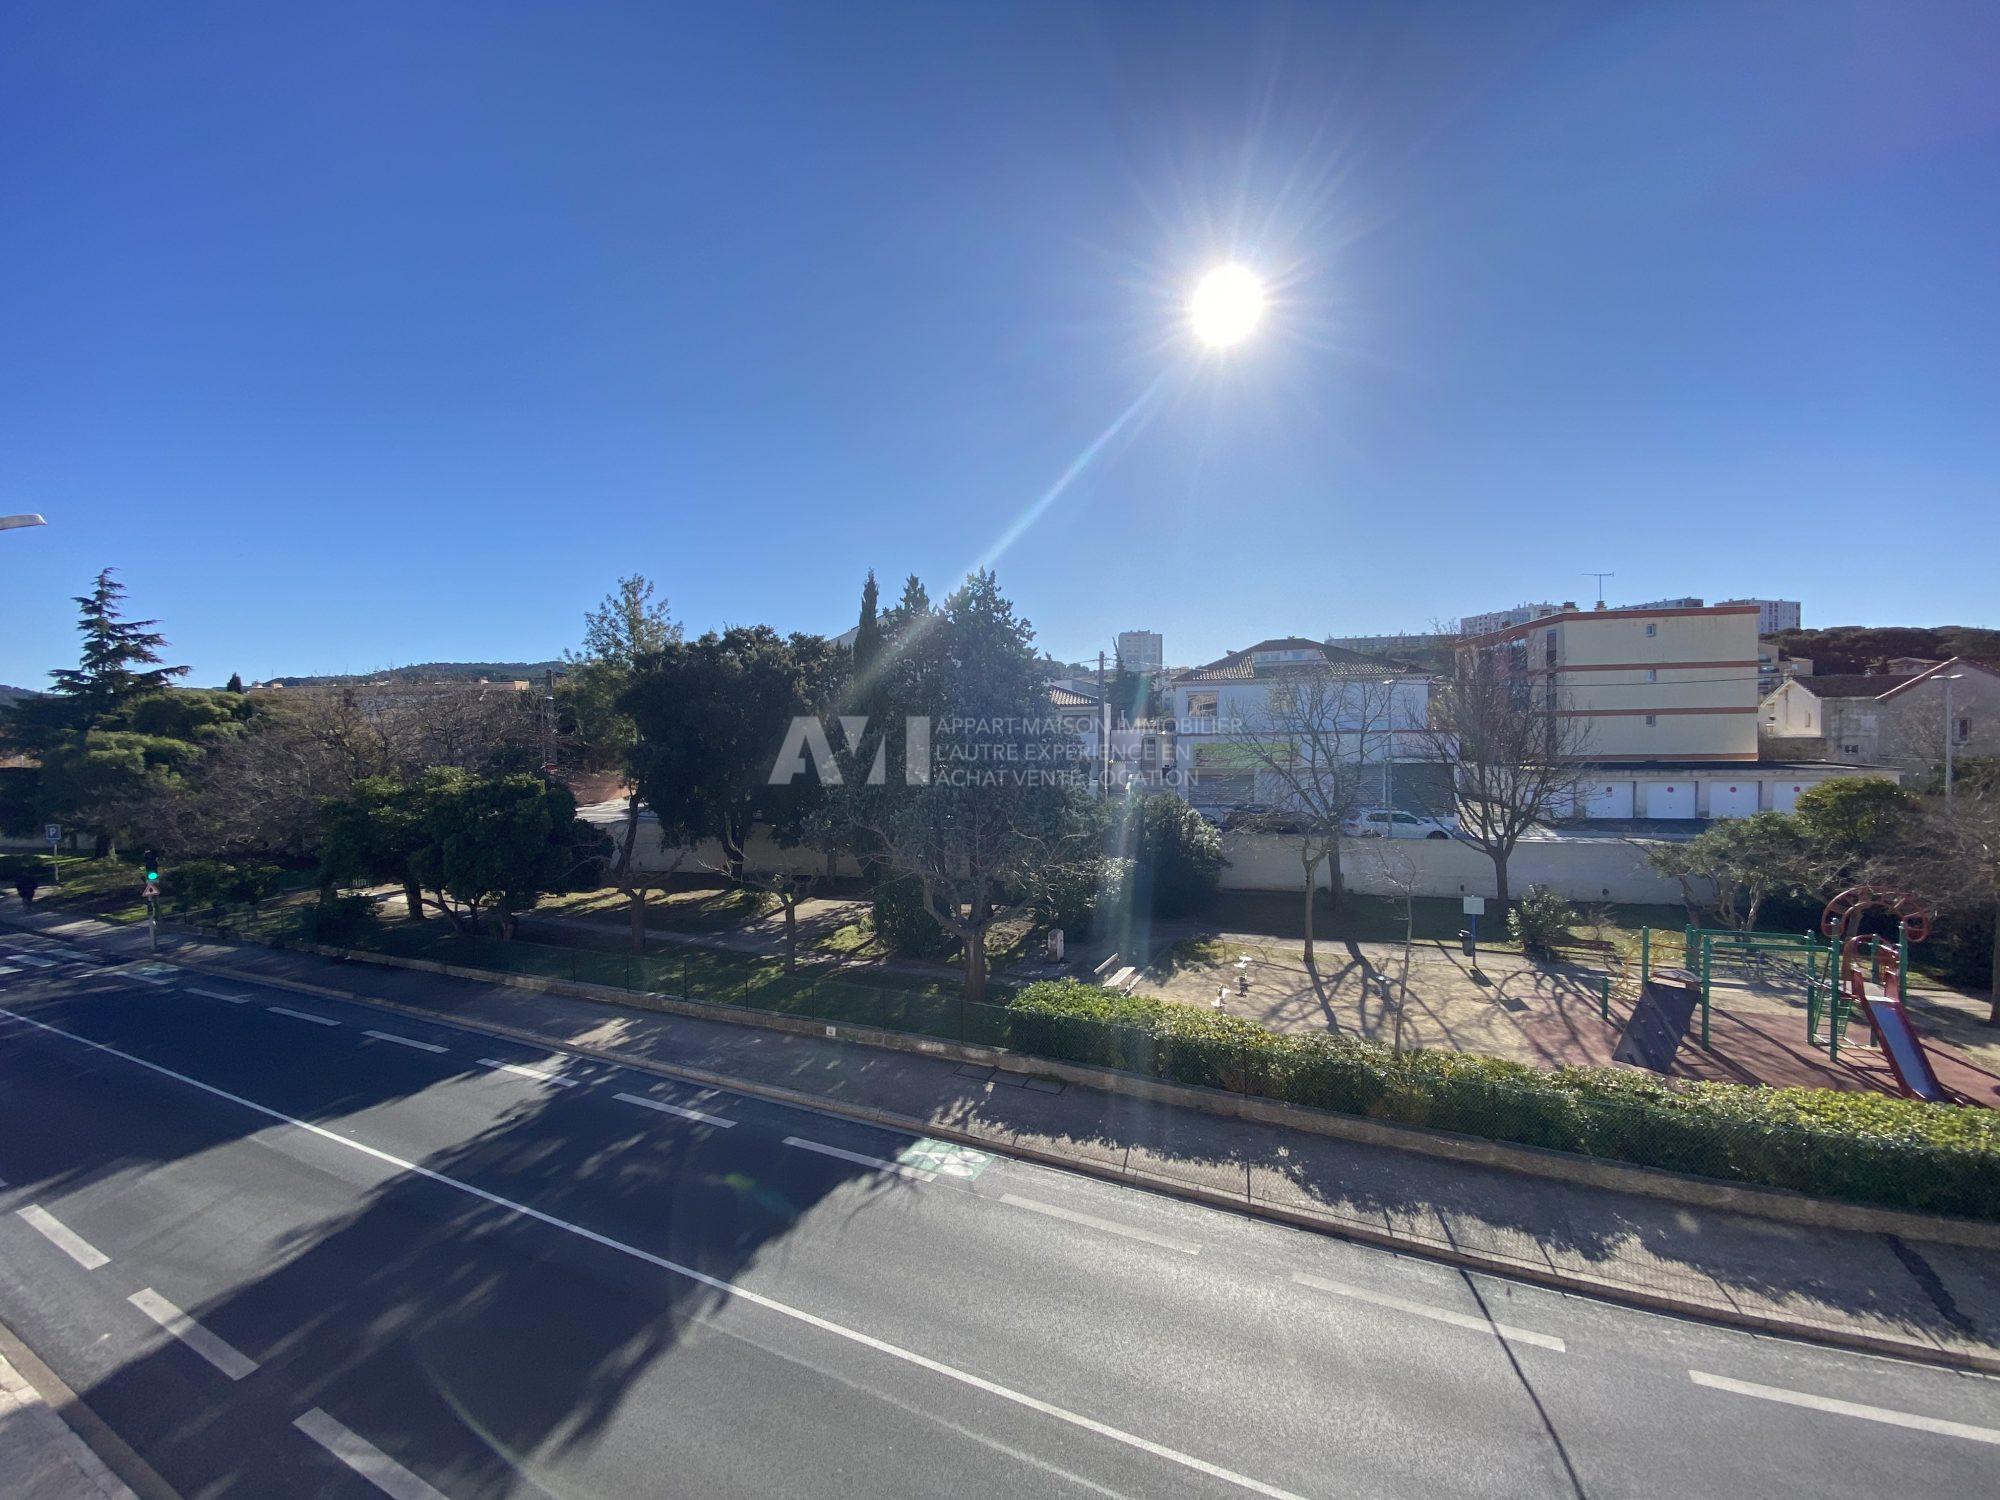 Appartement centre ville jonquieres avec ascenseur à 240000 €